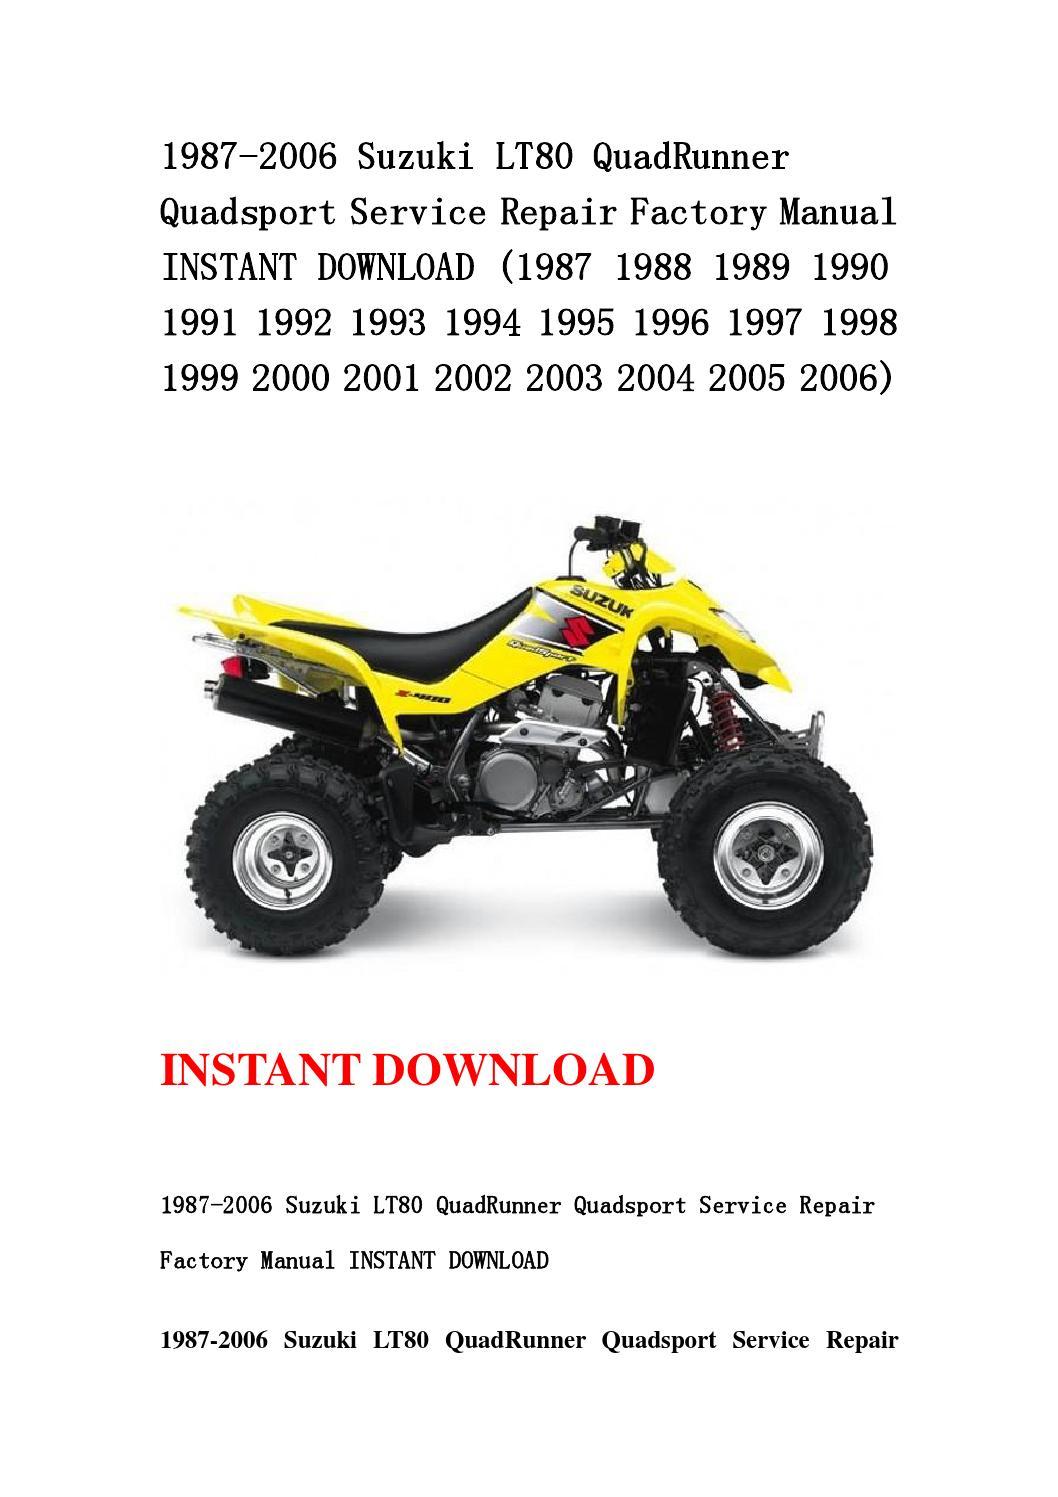 suzuki quadrunner 250 service manual